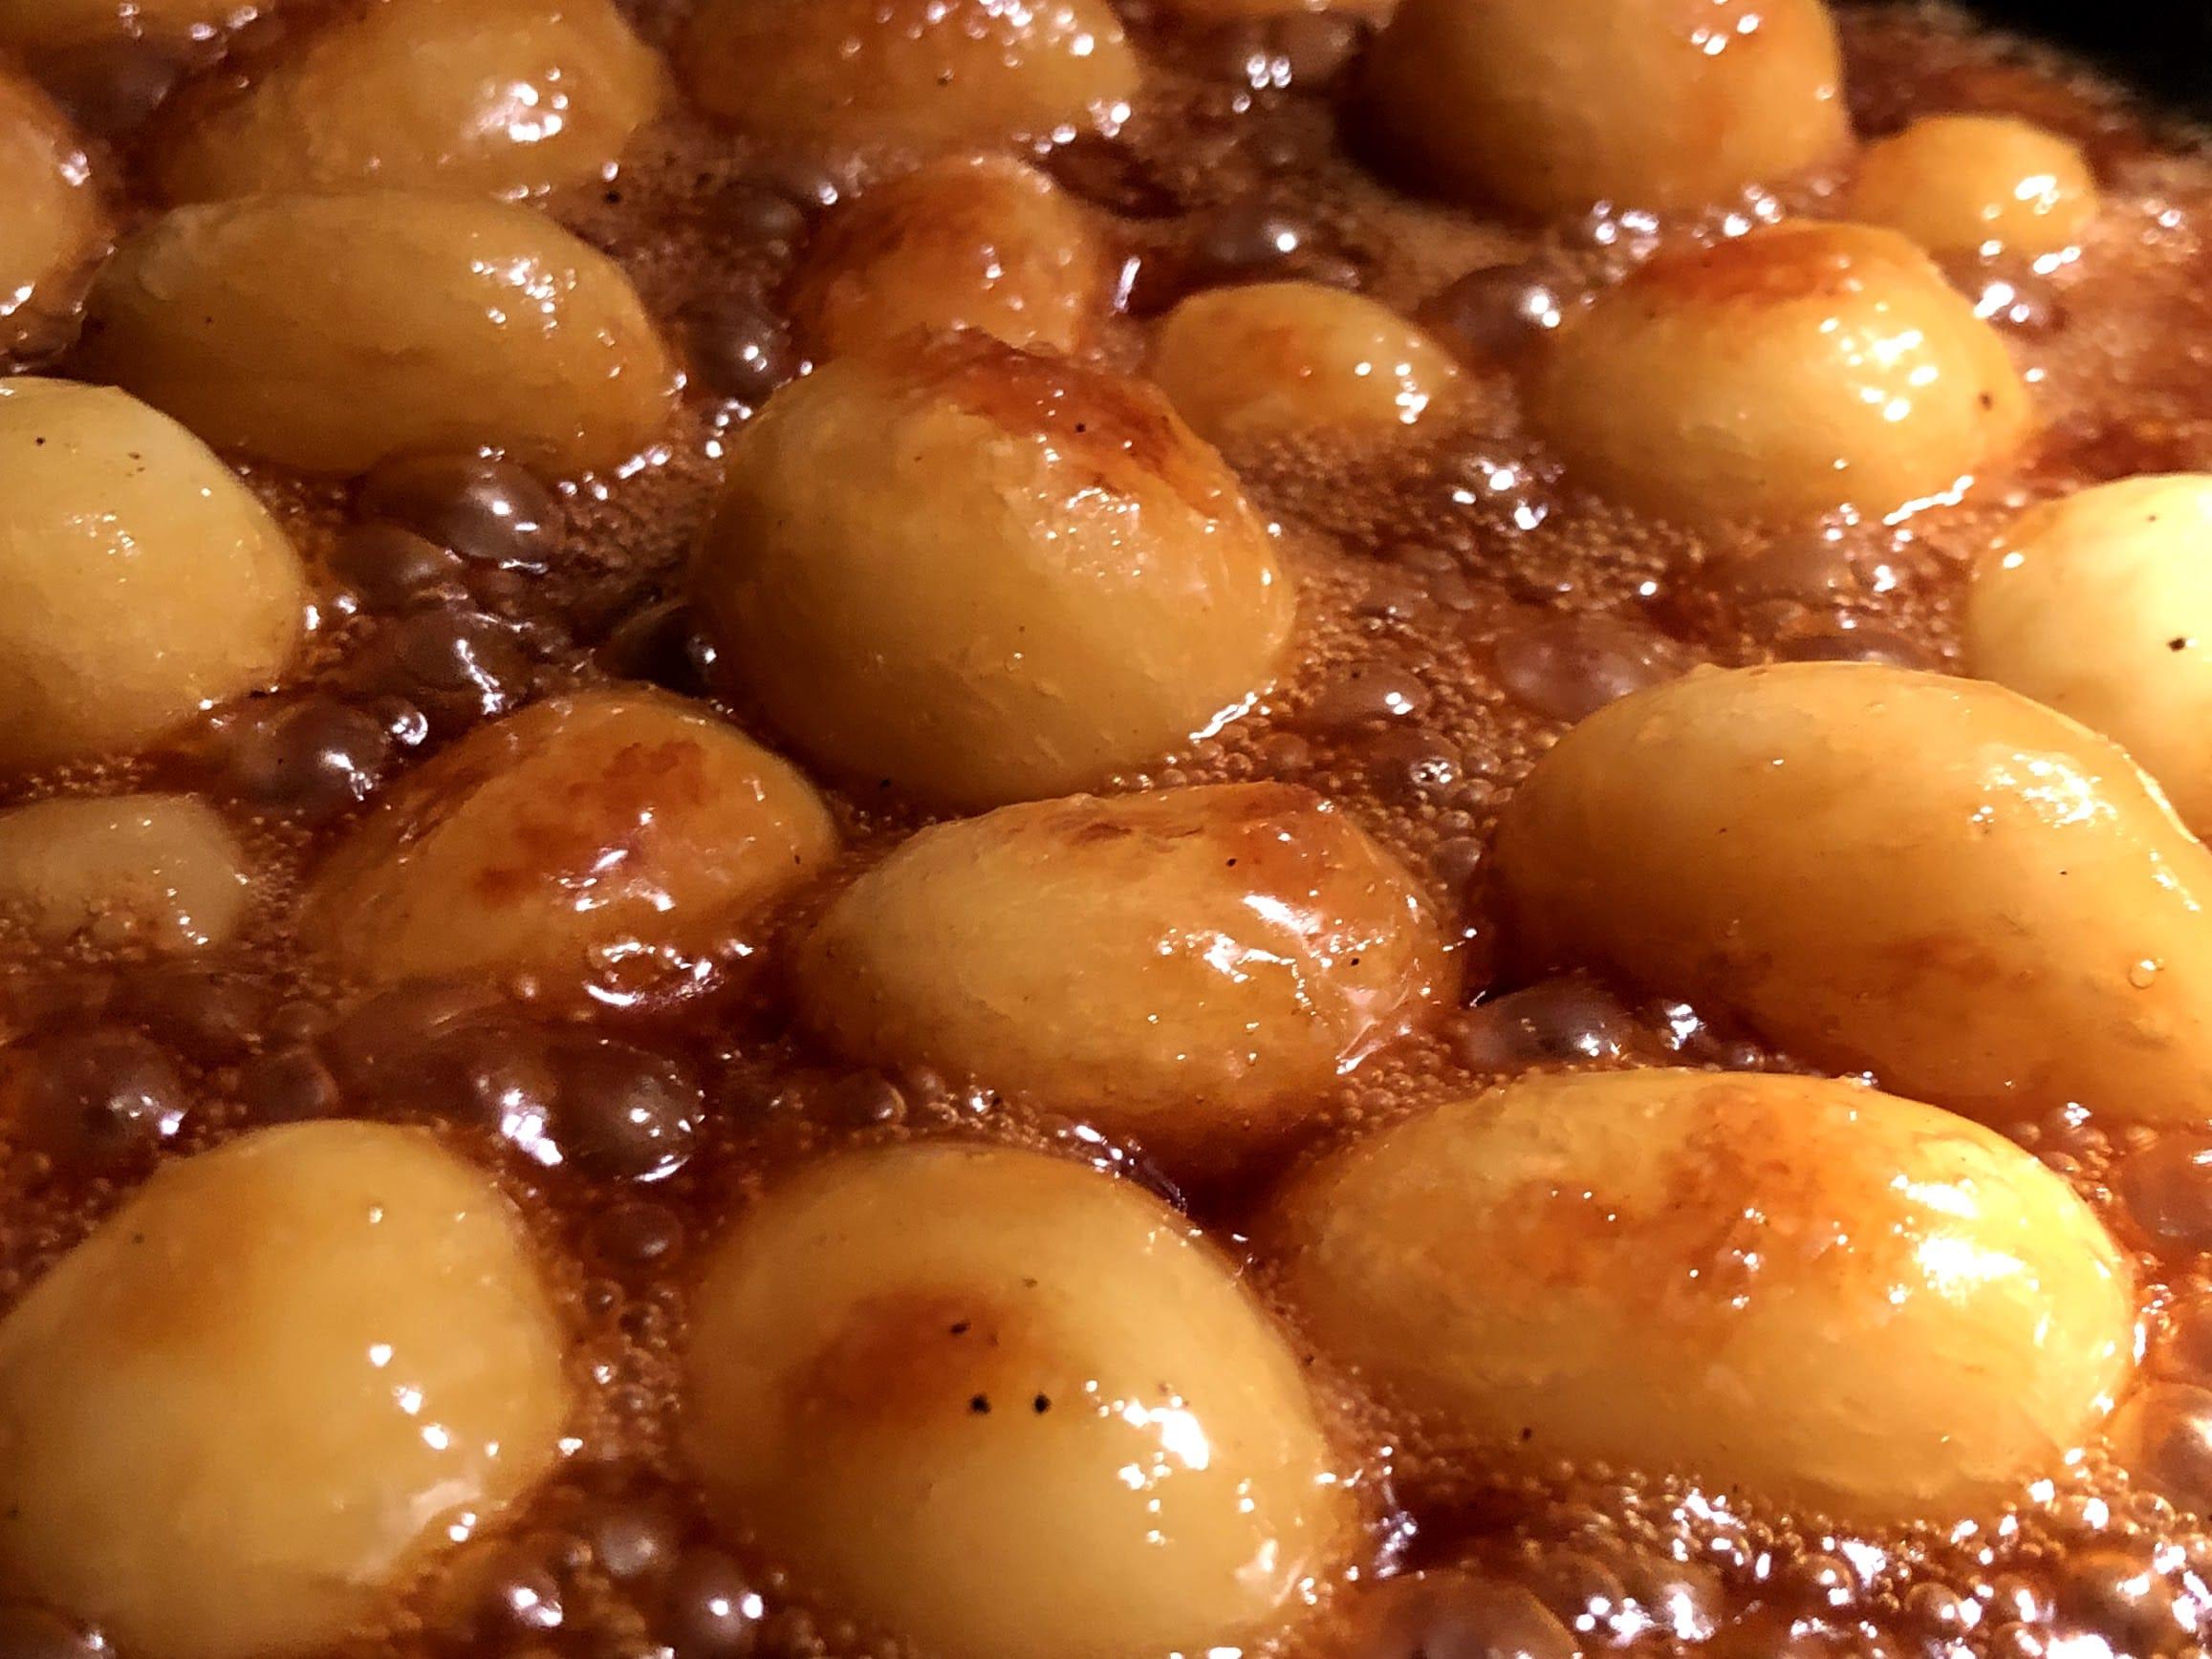 Brunkartofler brune kartofler brunede kartofler opskrift hvordan laver man  sukker  hvad er den bedste kartoffel til hvilke kartofler er bedst til brunkartofler